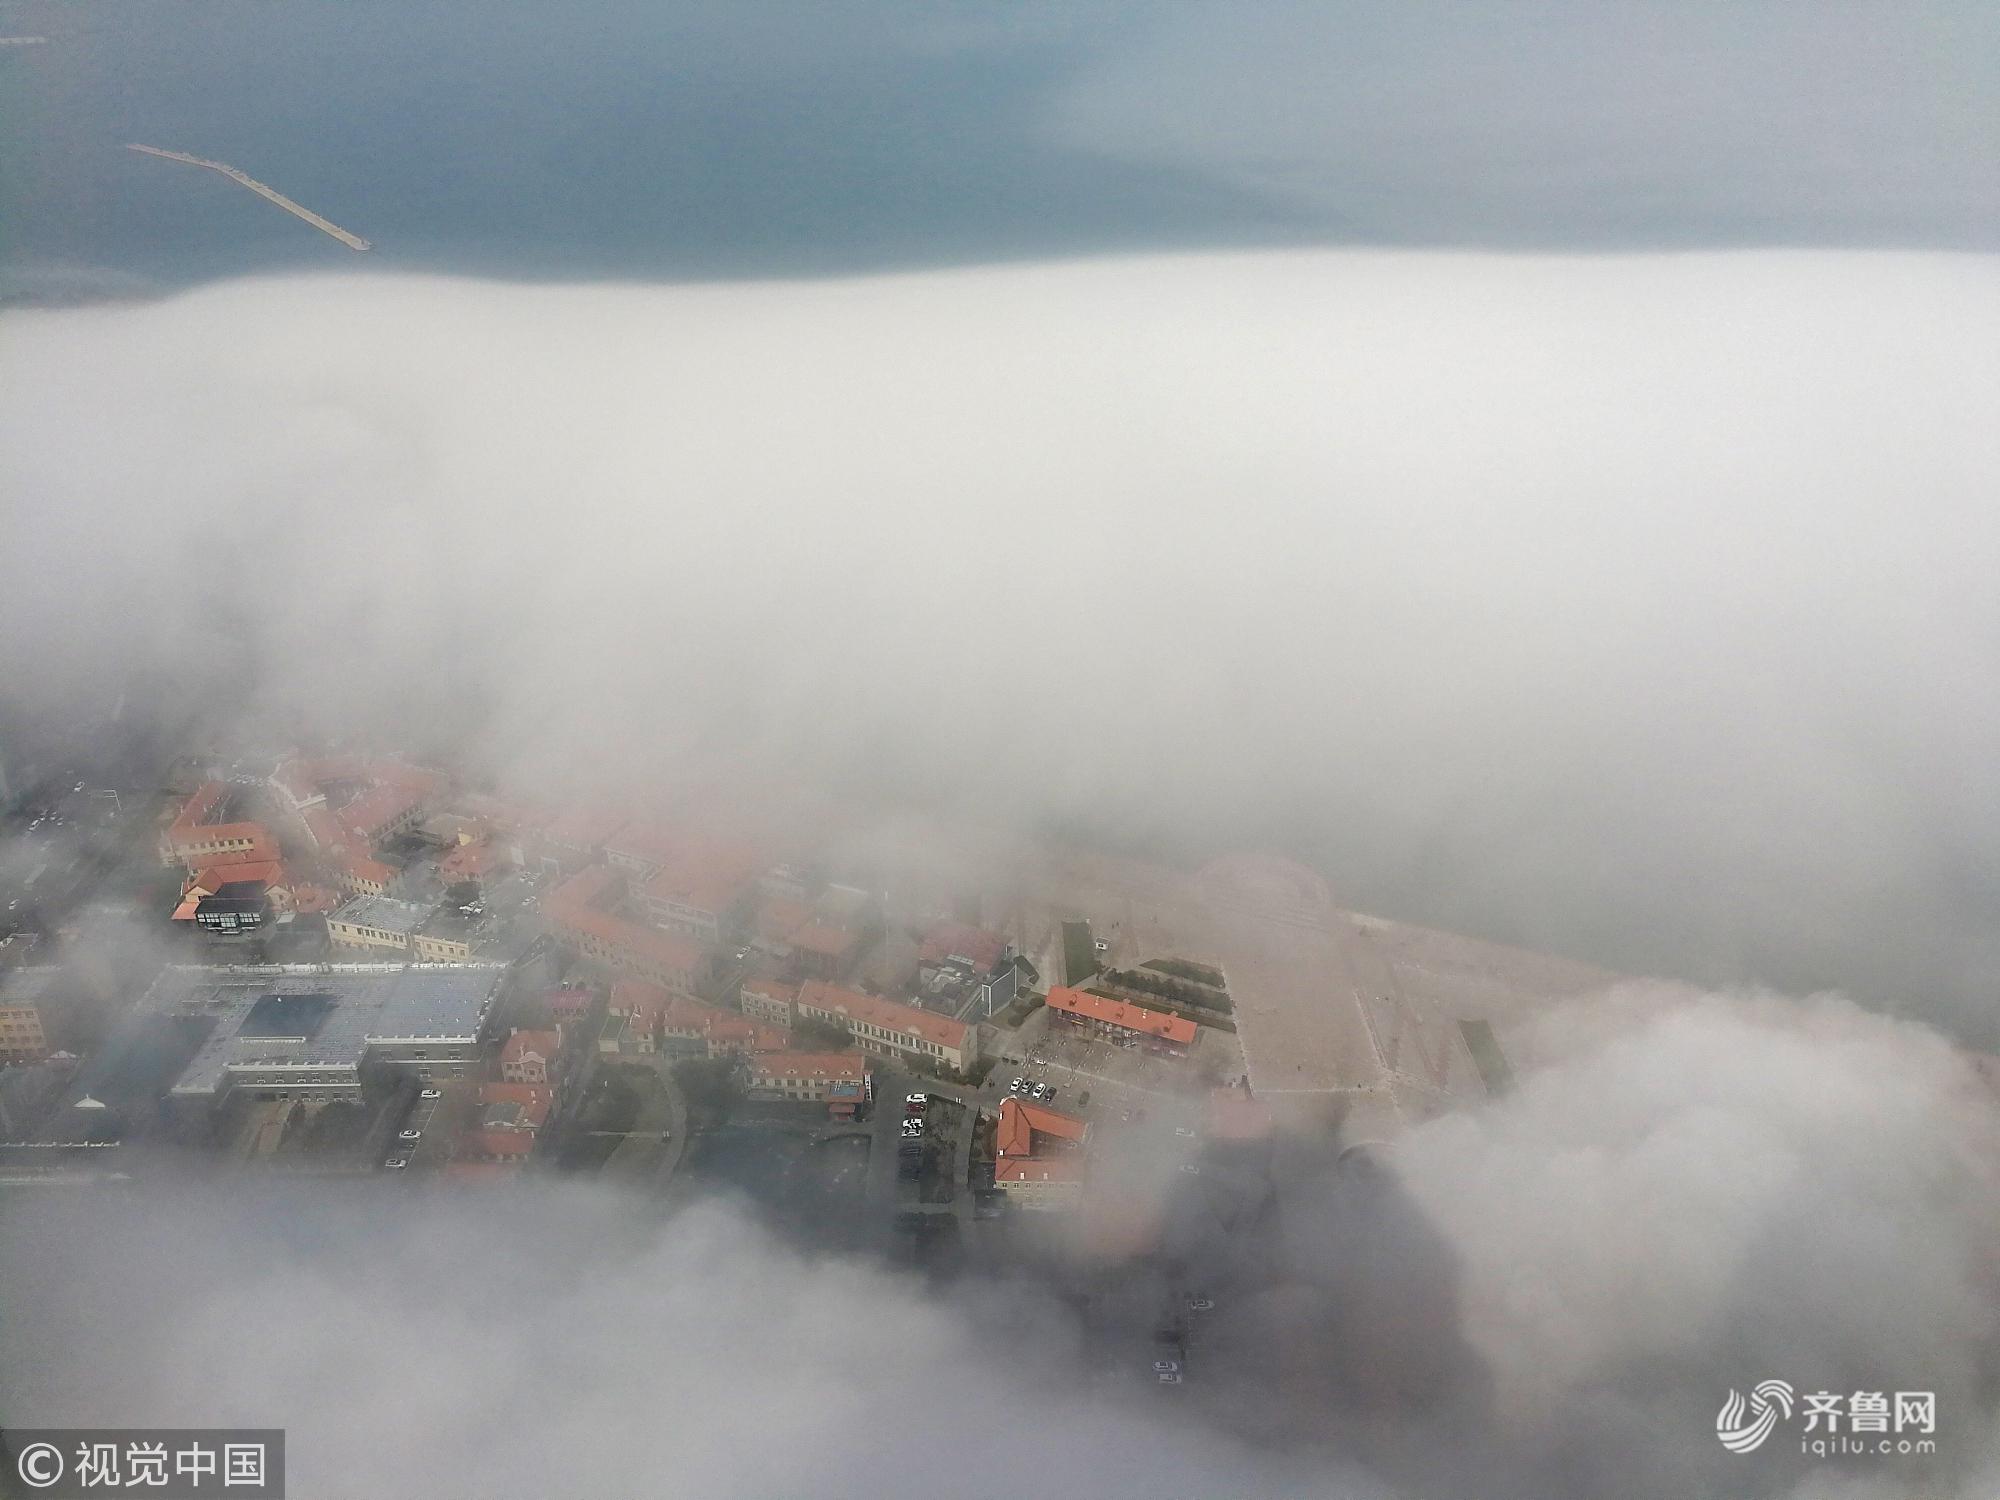 山东烟台被平流雾笼罩 城市若隐若现